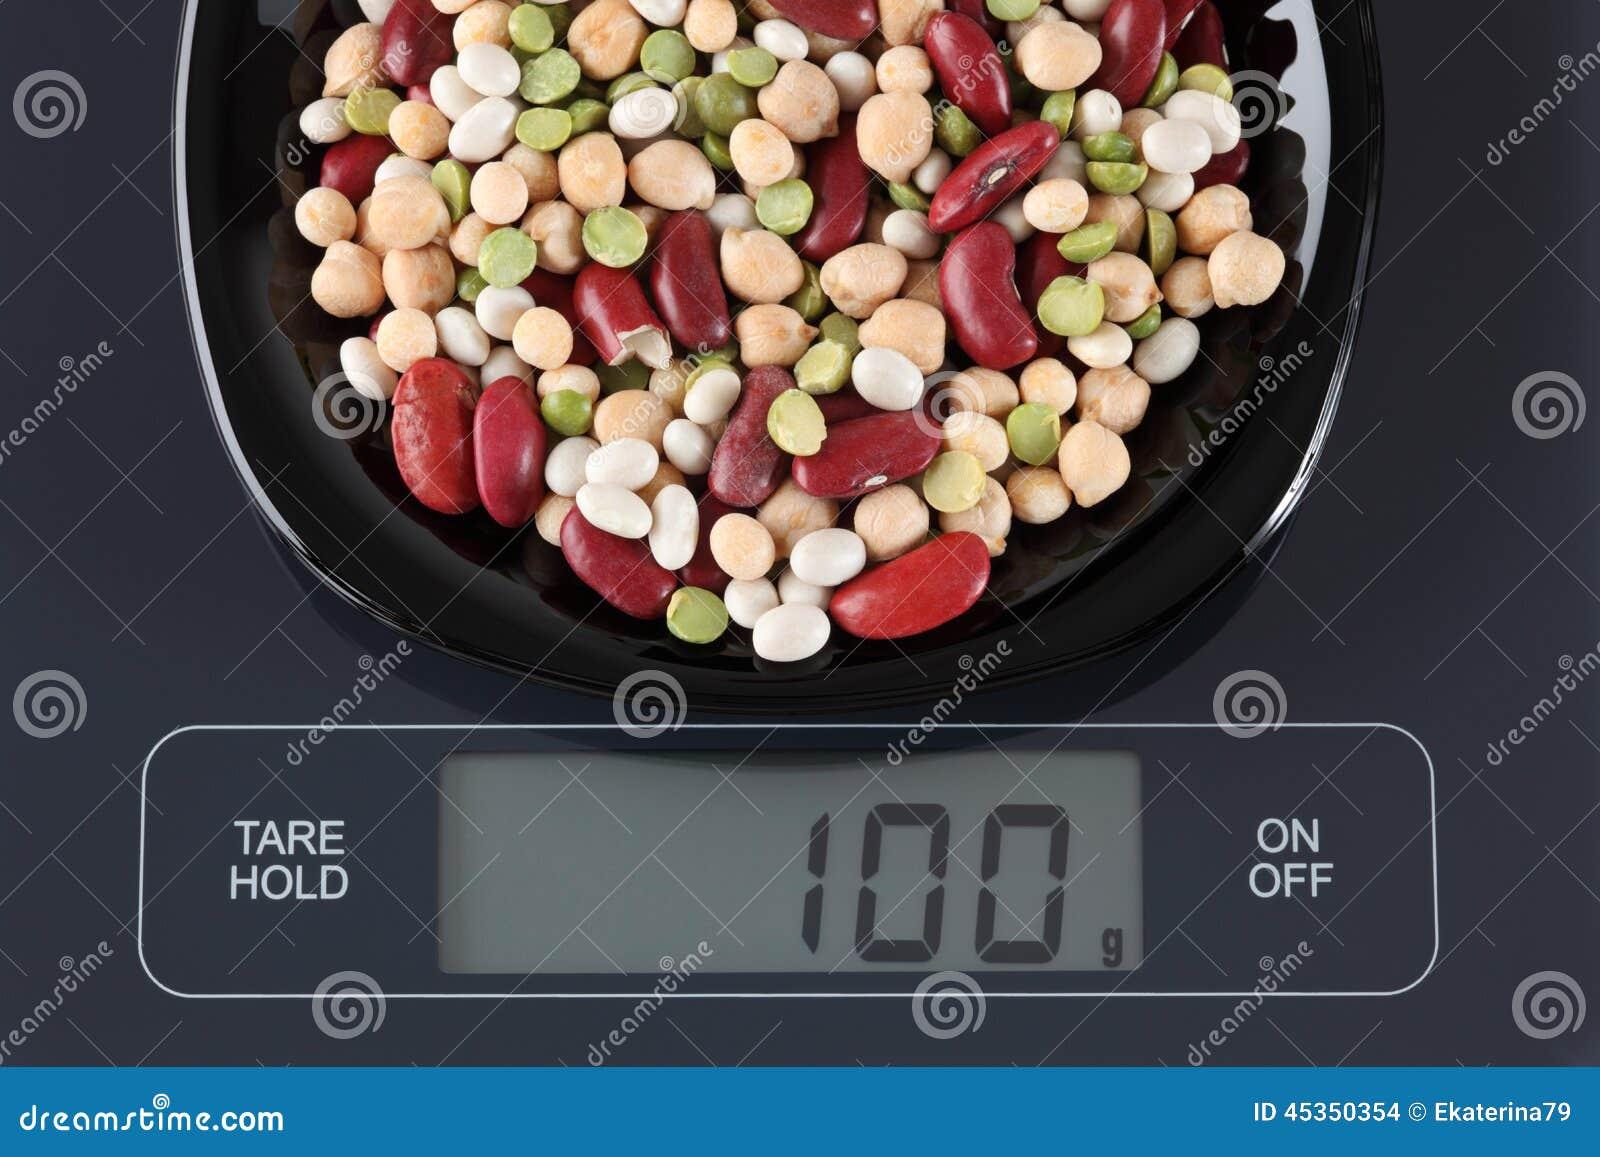 Fagioli misti del legume sulla scala della cucina